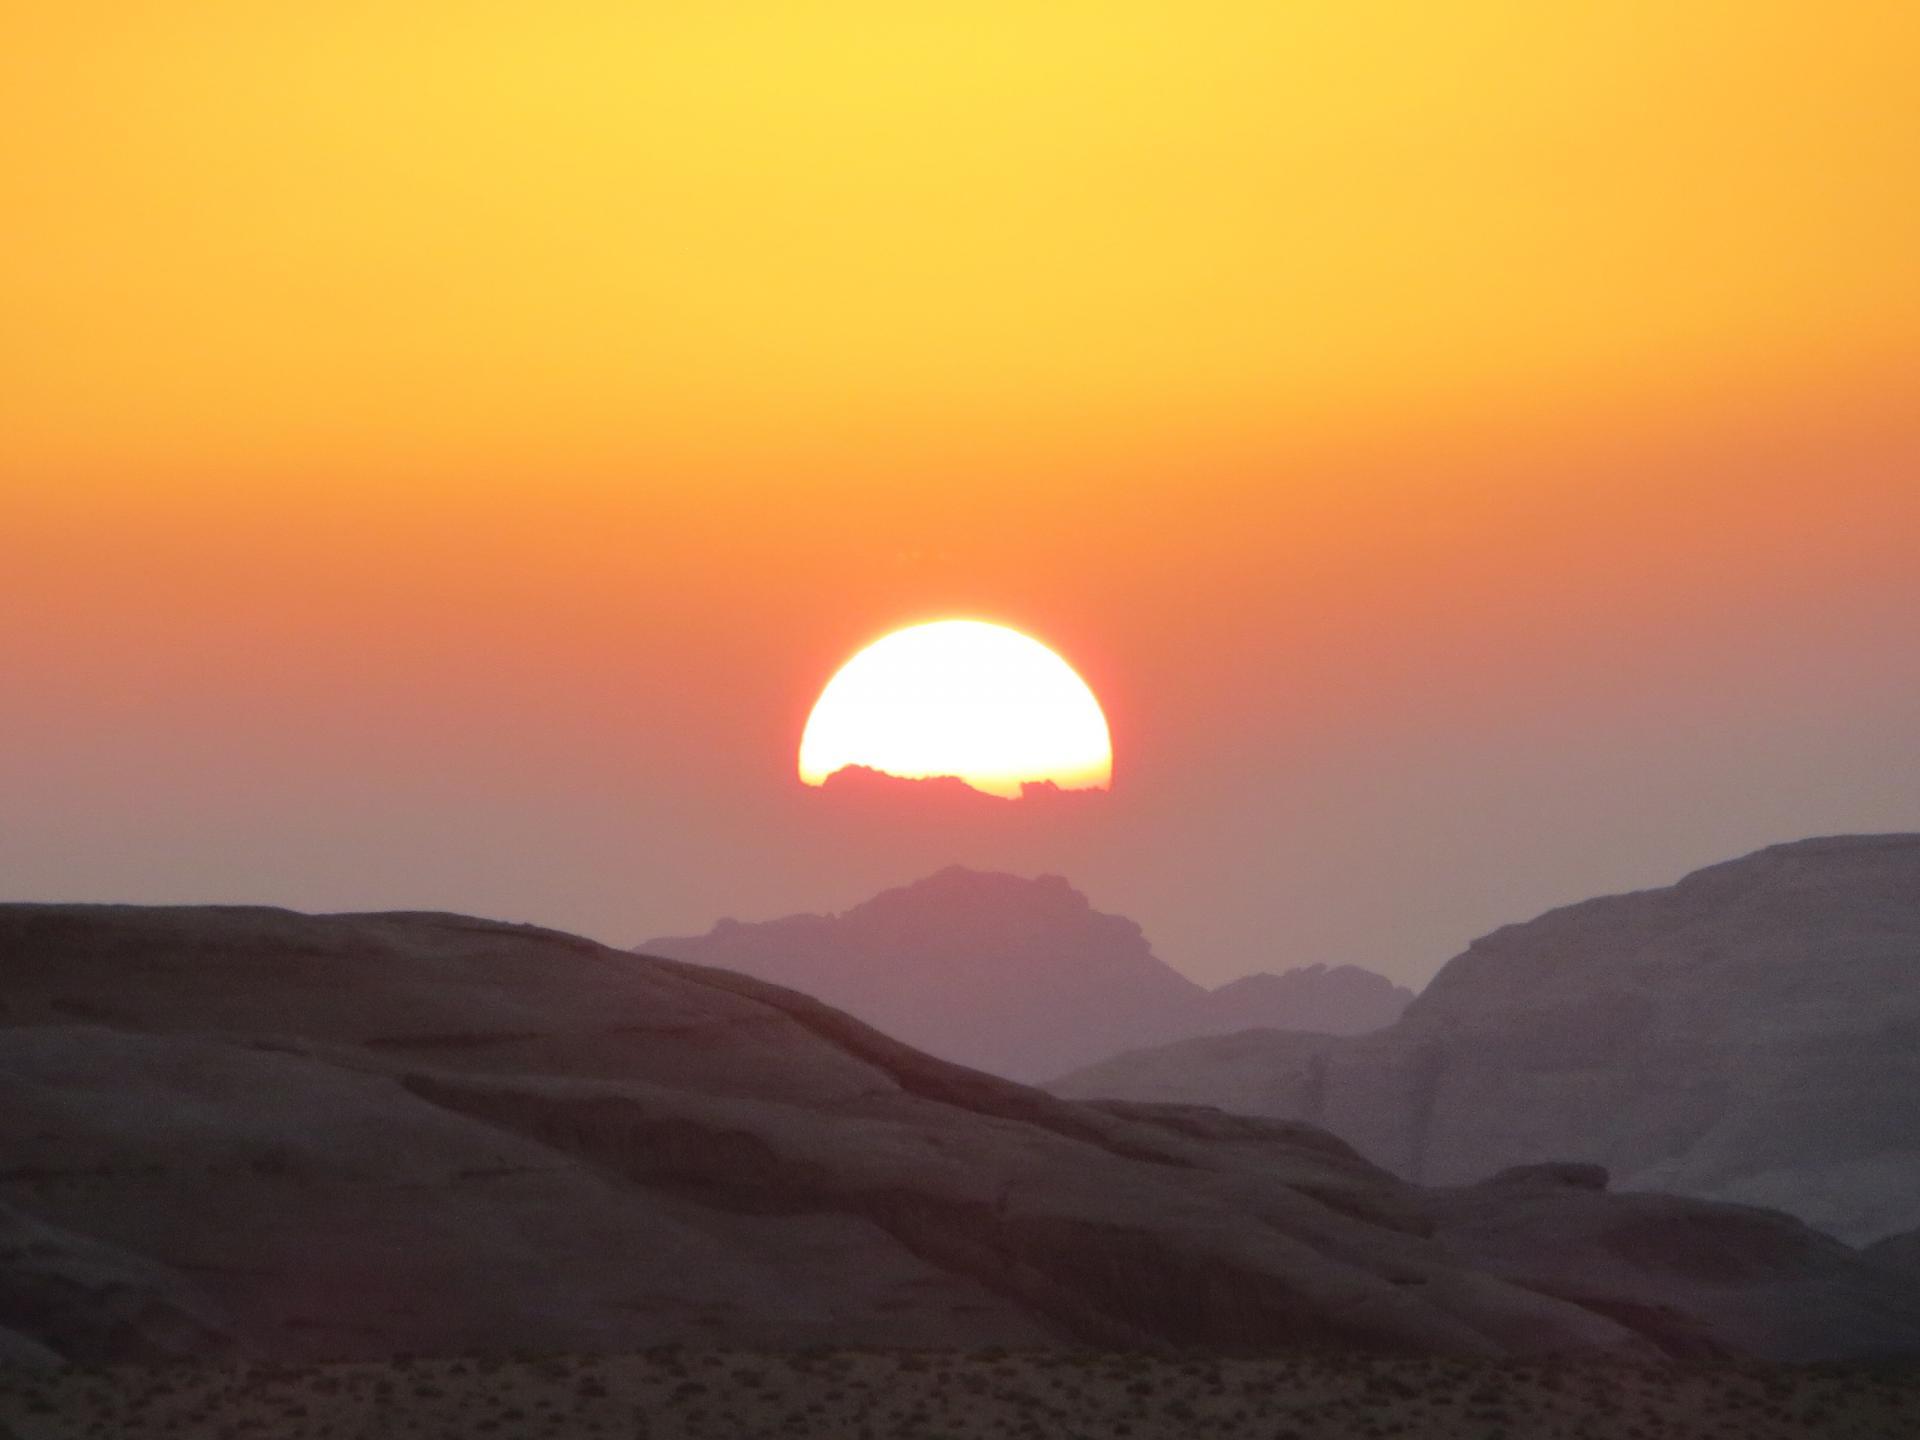 Soleil jordanien